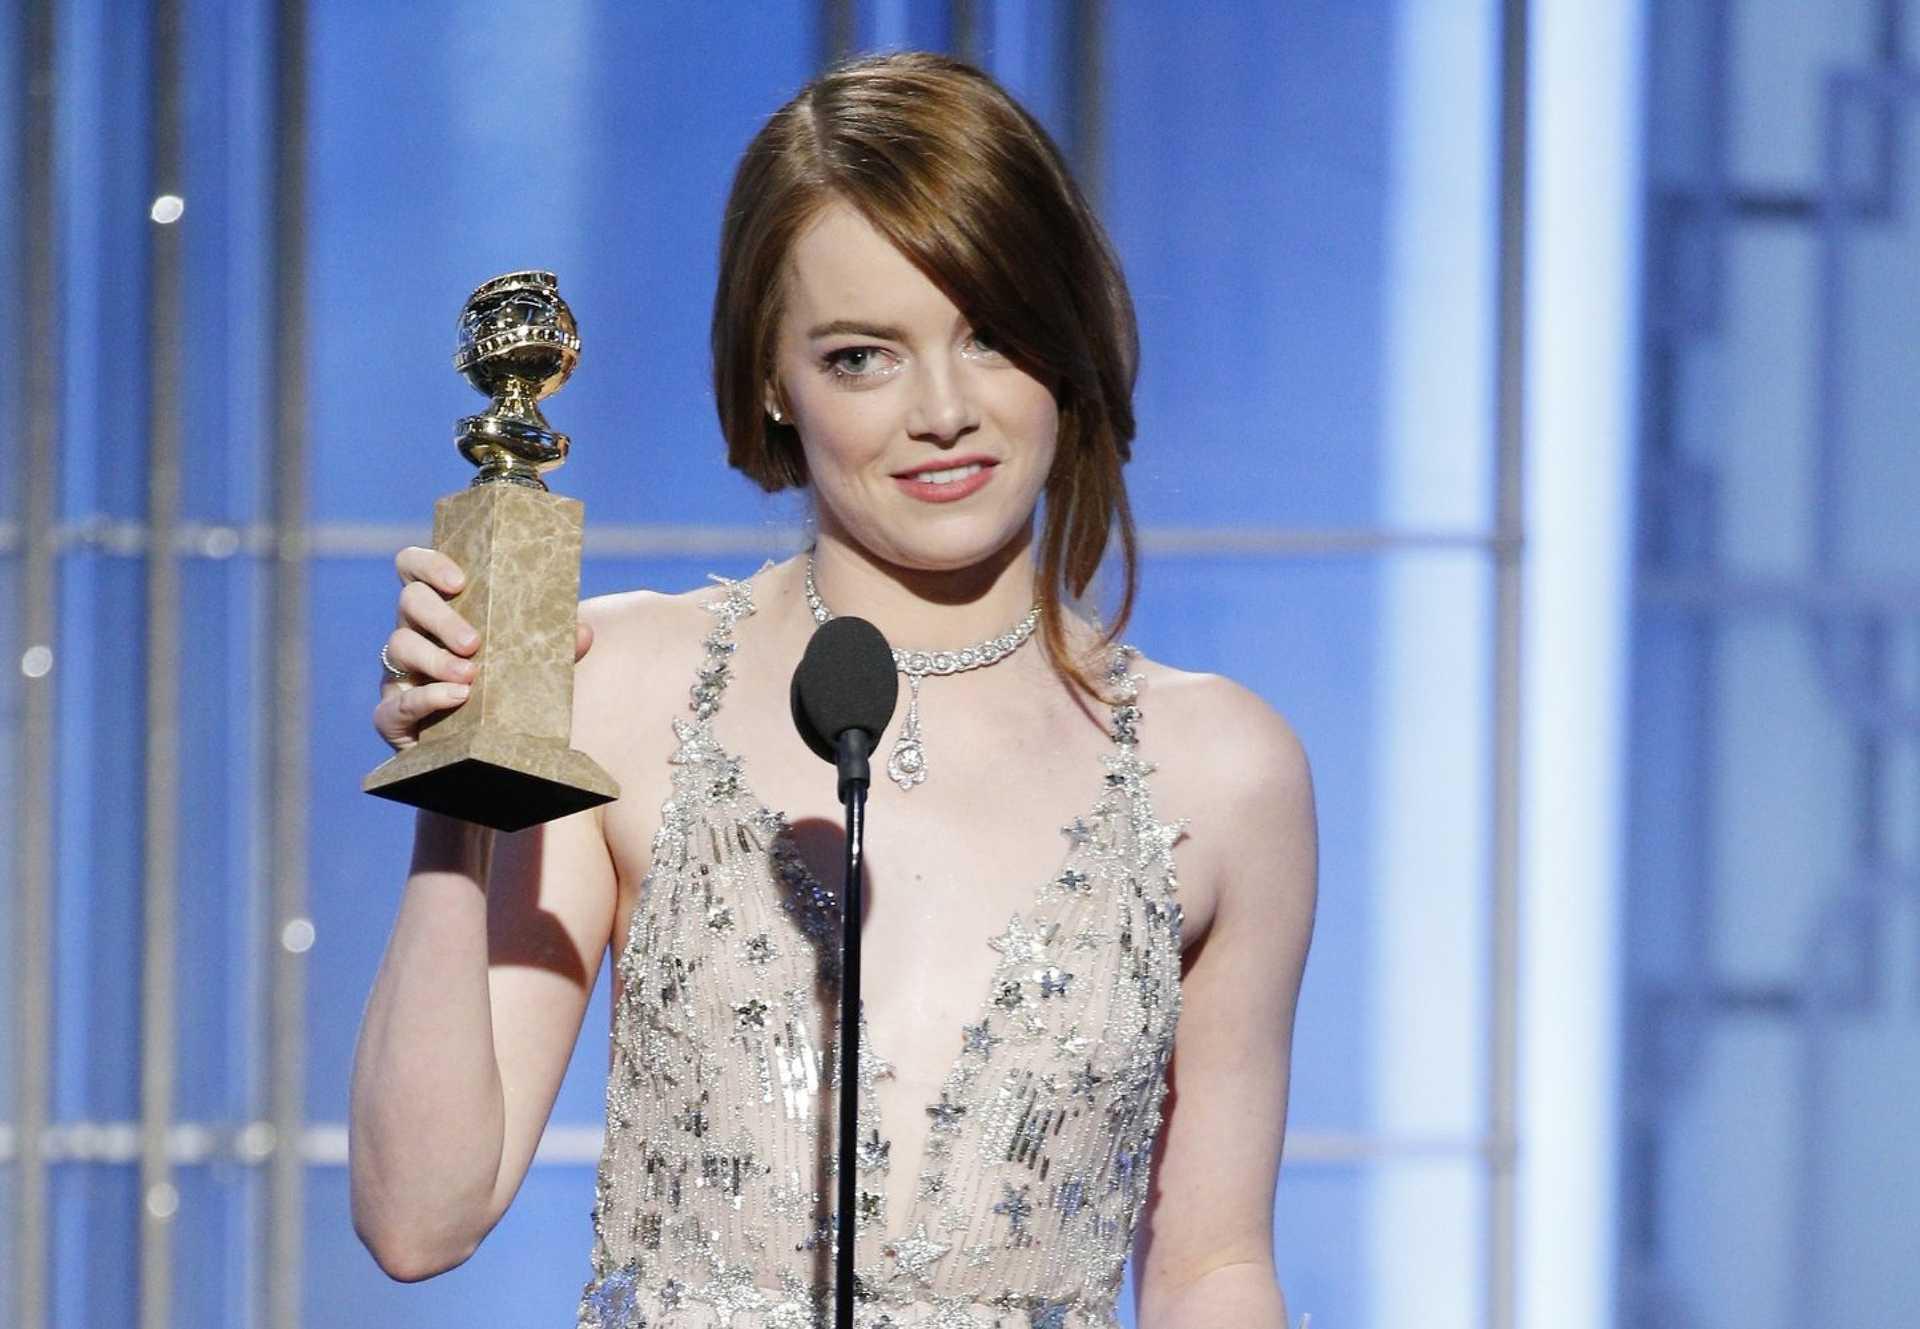 Emma Stone, aki a legcukibb színésznő díjára is eséllyel pályázhatott volna